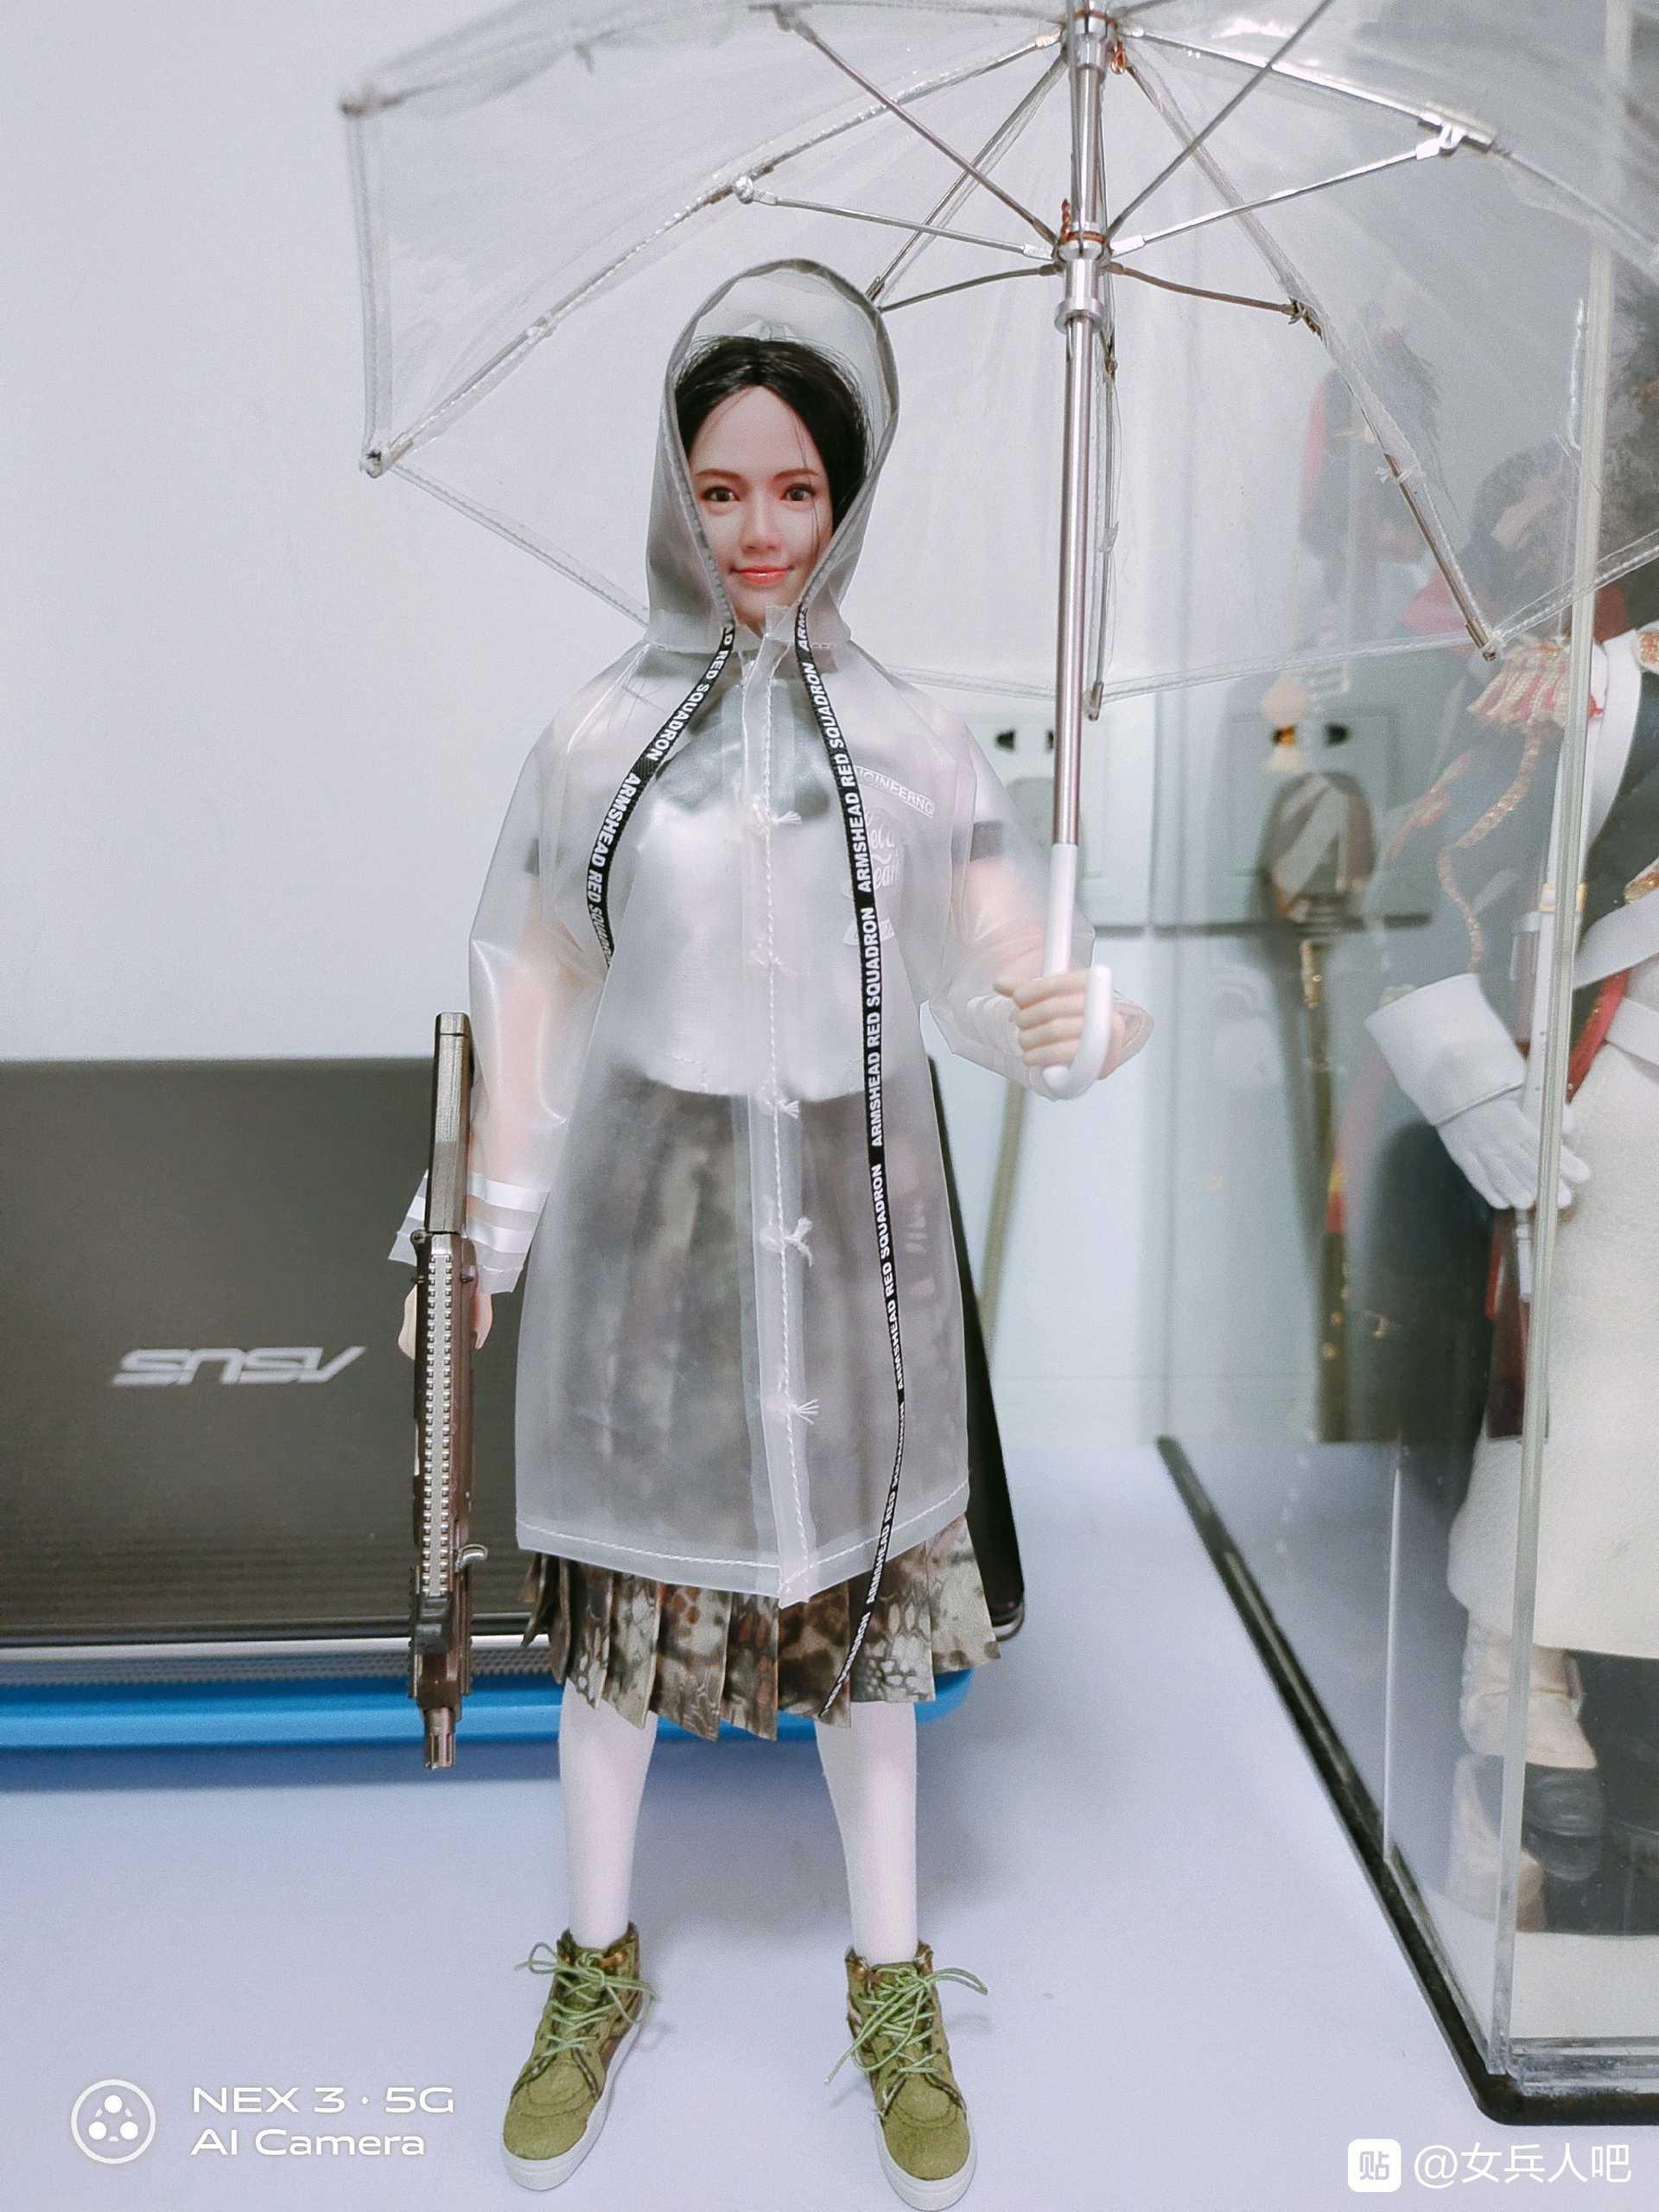 ARMSHEAD JK-03 1//6 Scale Female Soldier Girlset Transparent Raincoat Model